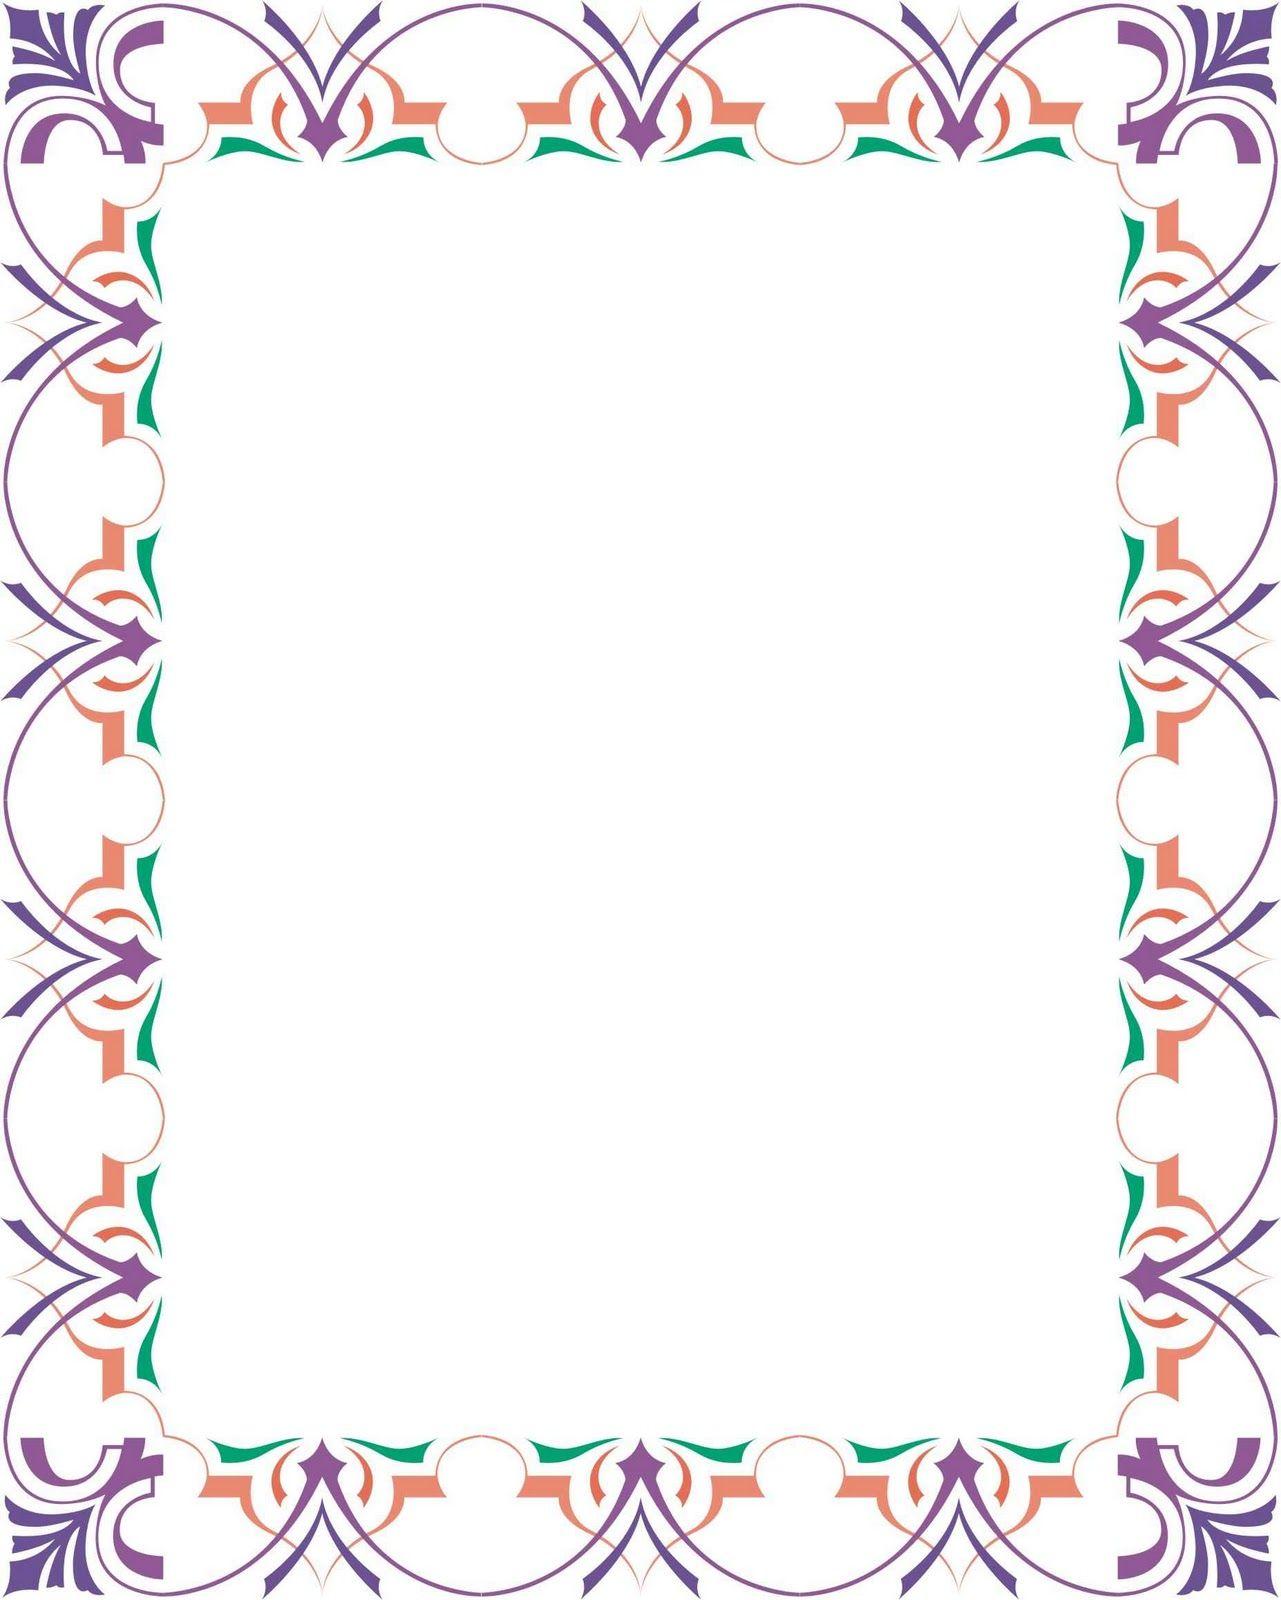 Bingkai / Border Piagam Vector (2) tadungkung Desain